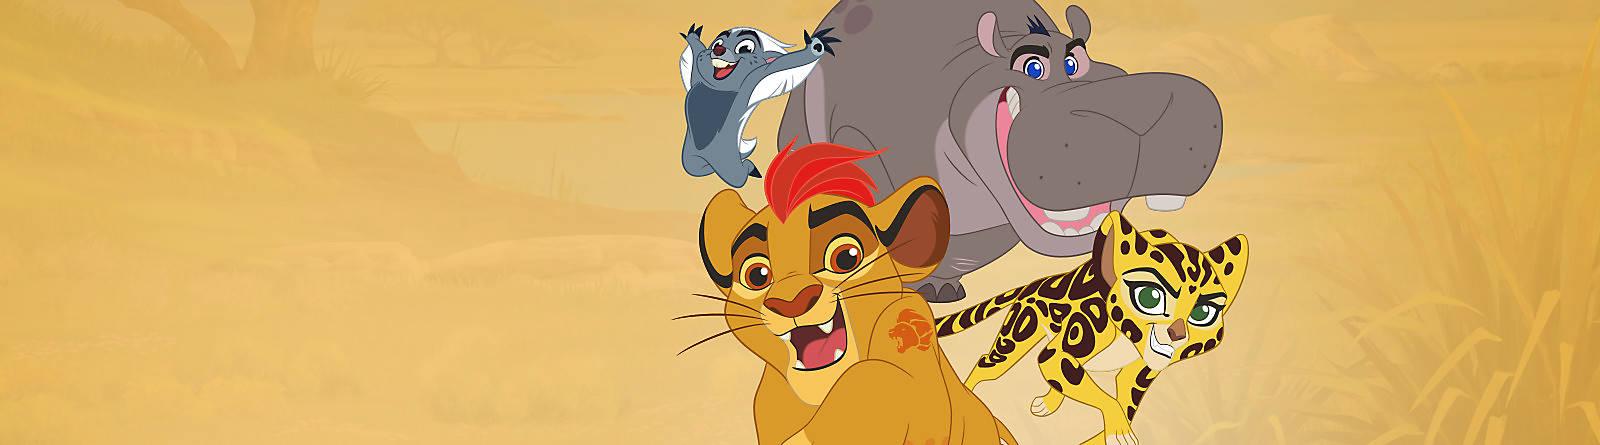 Die Garde der Löwen Alles für die Kinderparty findest du bei shopDisney: Servietten, Girlanden und Ballons für ein tolles Fest. Das Dschungelabenteuer für die Kleinen entzückt mit toller Animation und lädt zum Entdecken des Disney Universums ein. Der König der Löwen freut sich!